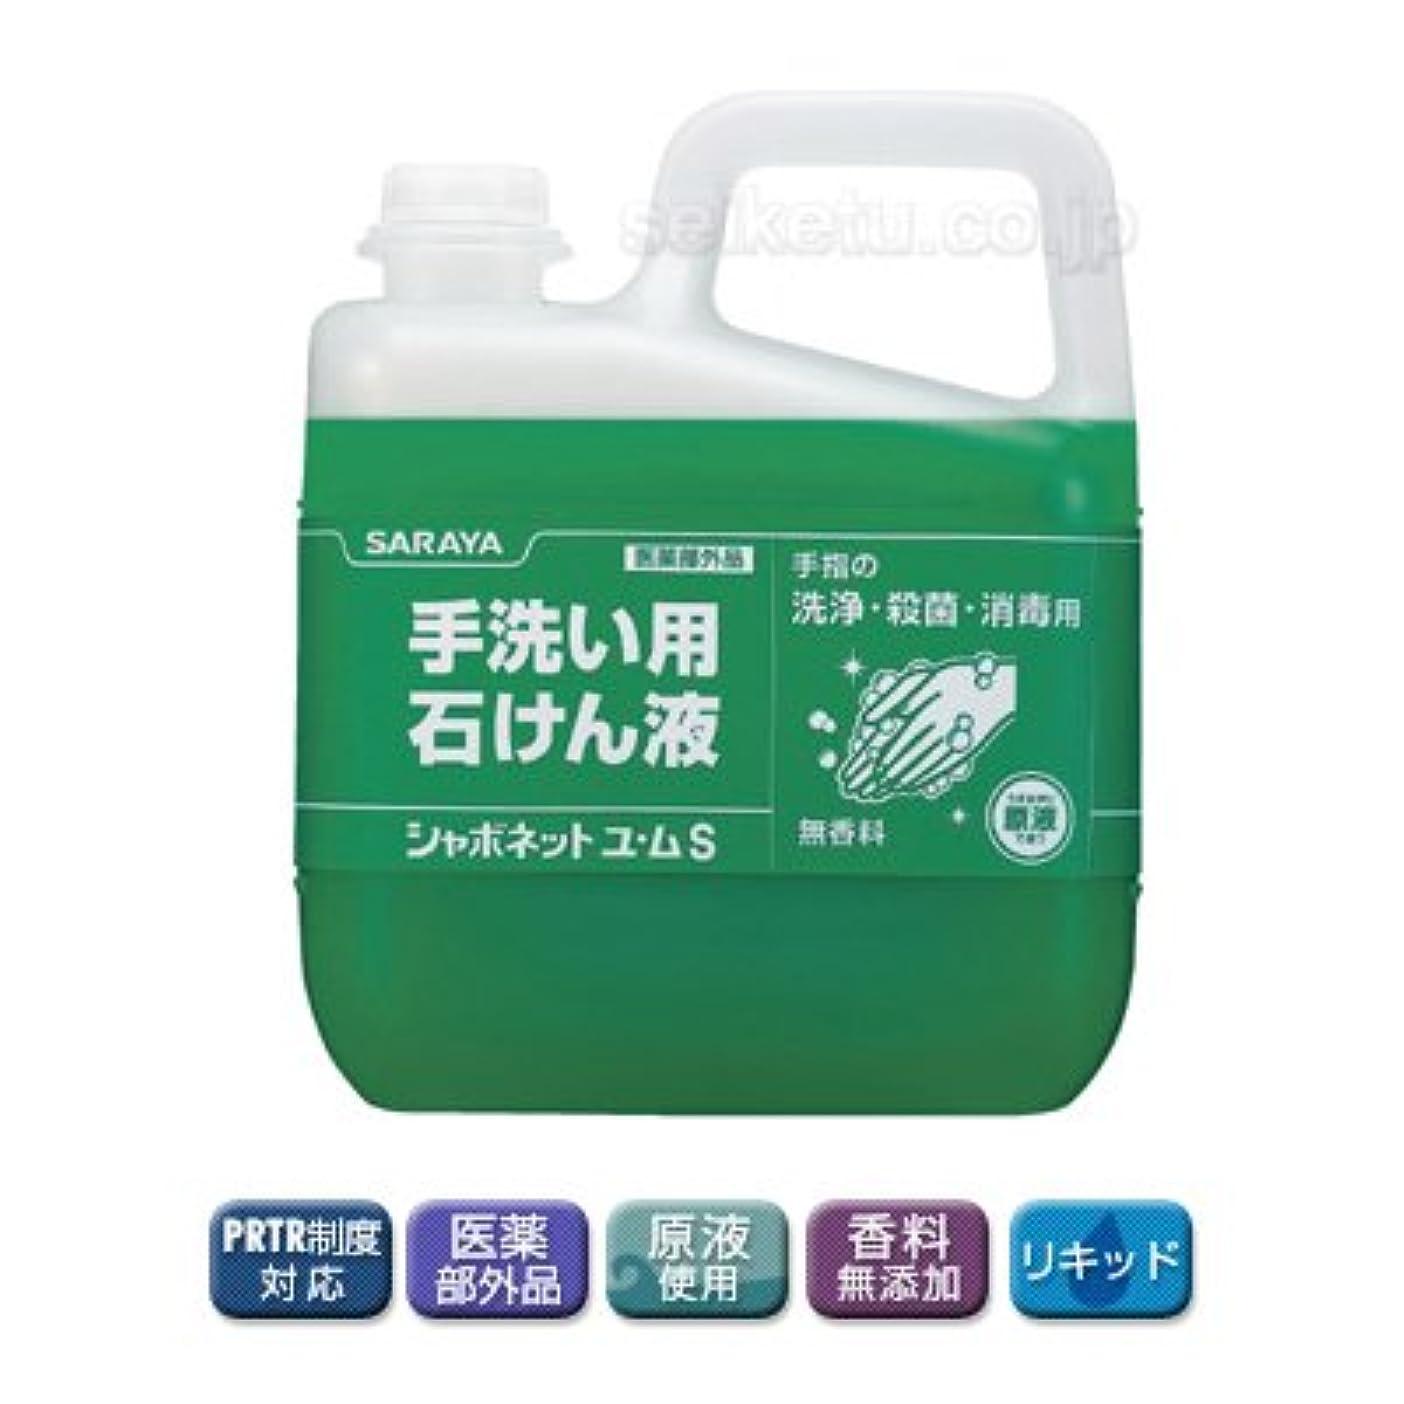 無声でお酒尊敬する【清潔キレイ館】サラヤ シャボネット石鹸液ユ?ムS(5kg)